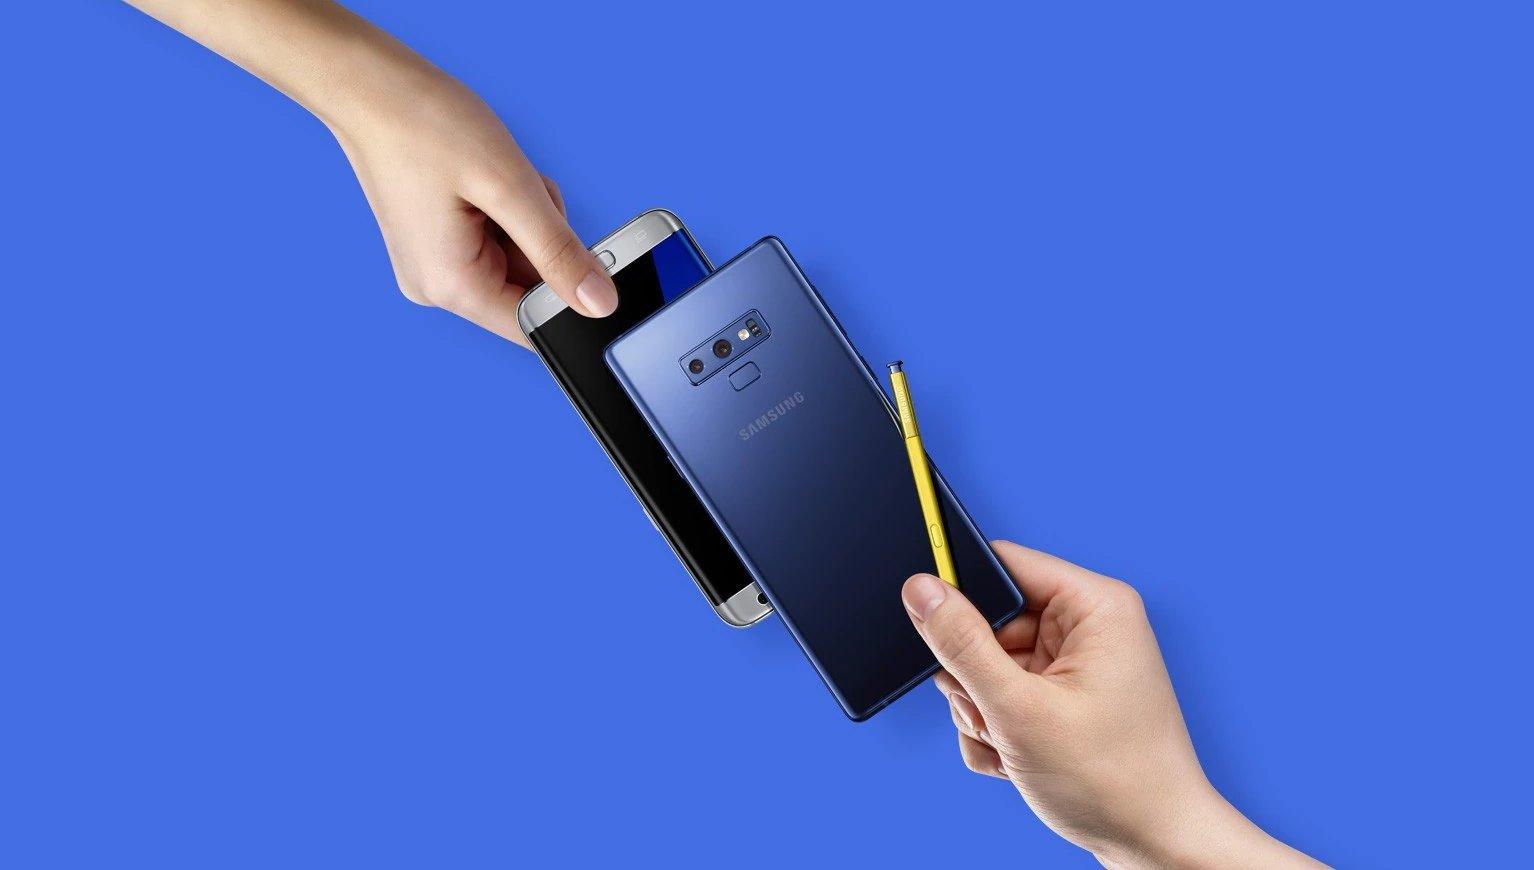 Galaxy Note 9 update